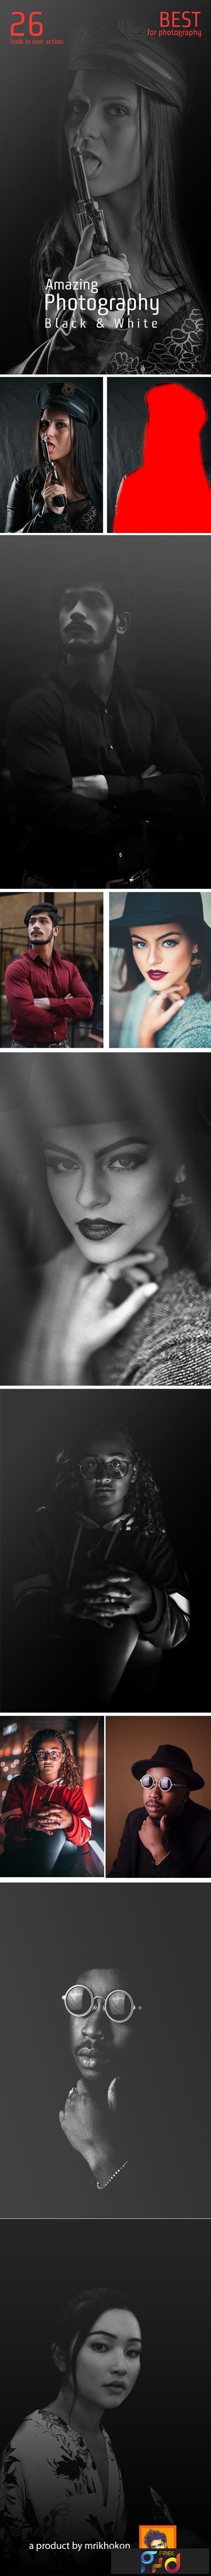 Amazing Photography Black & White 23319830 1